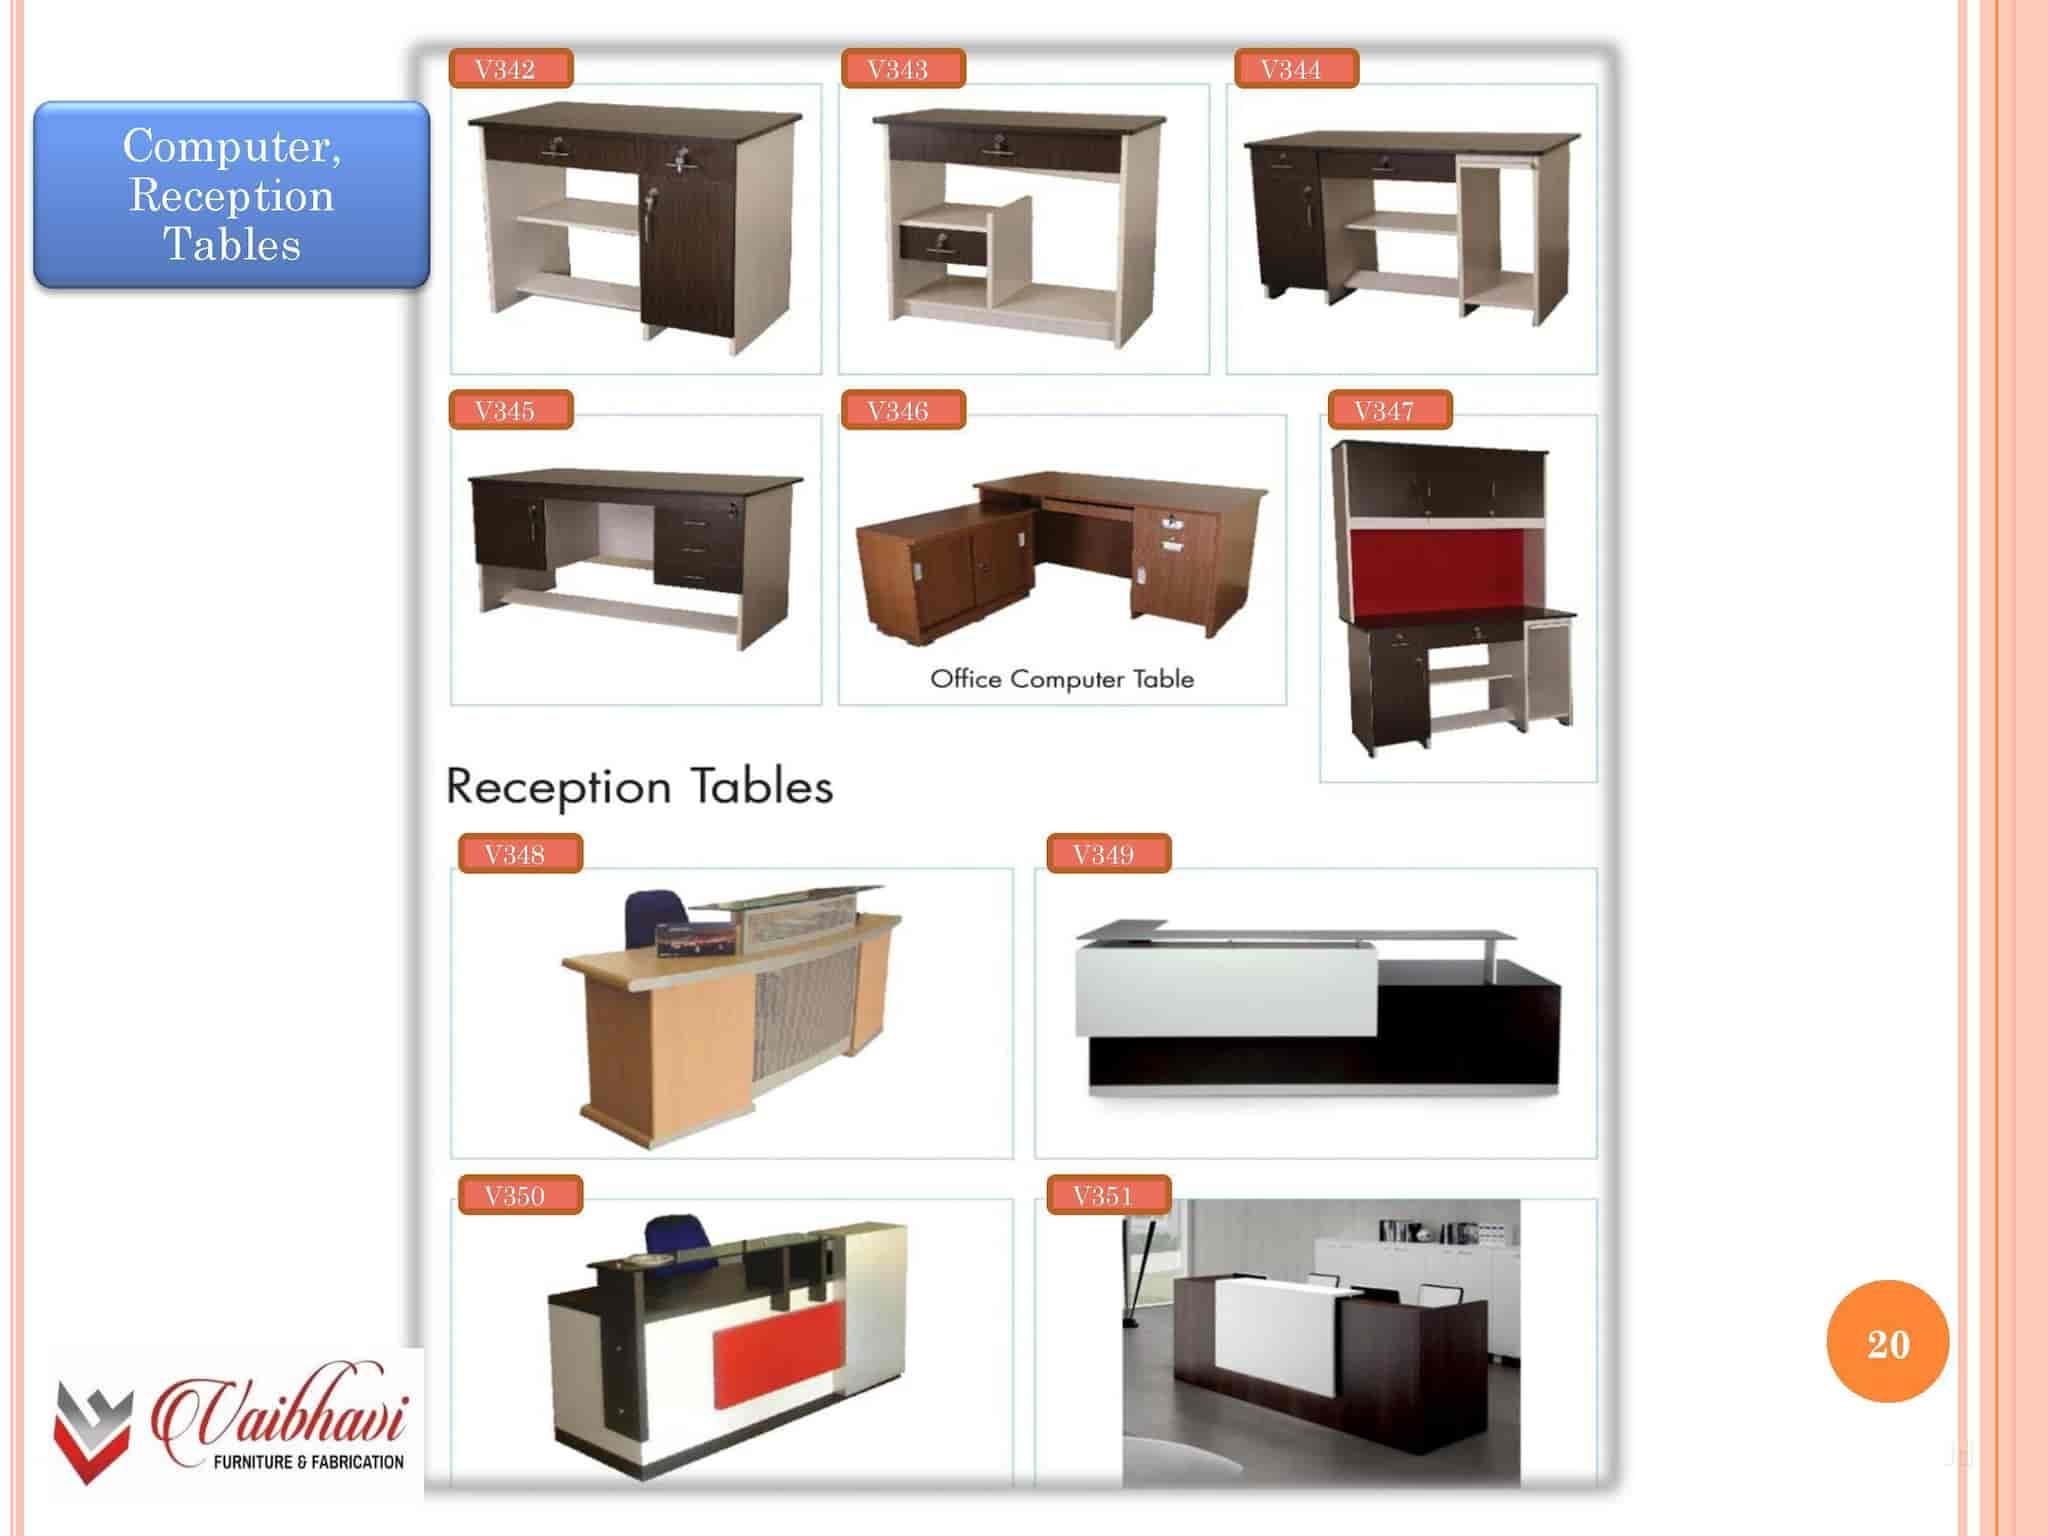 Vaibhavi Furniture & Fabrication Narol Furniture Manufacturers